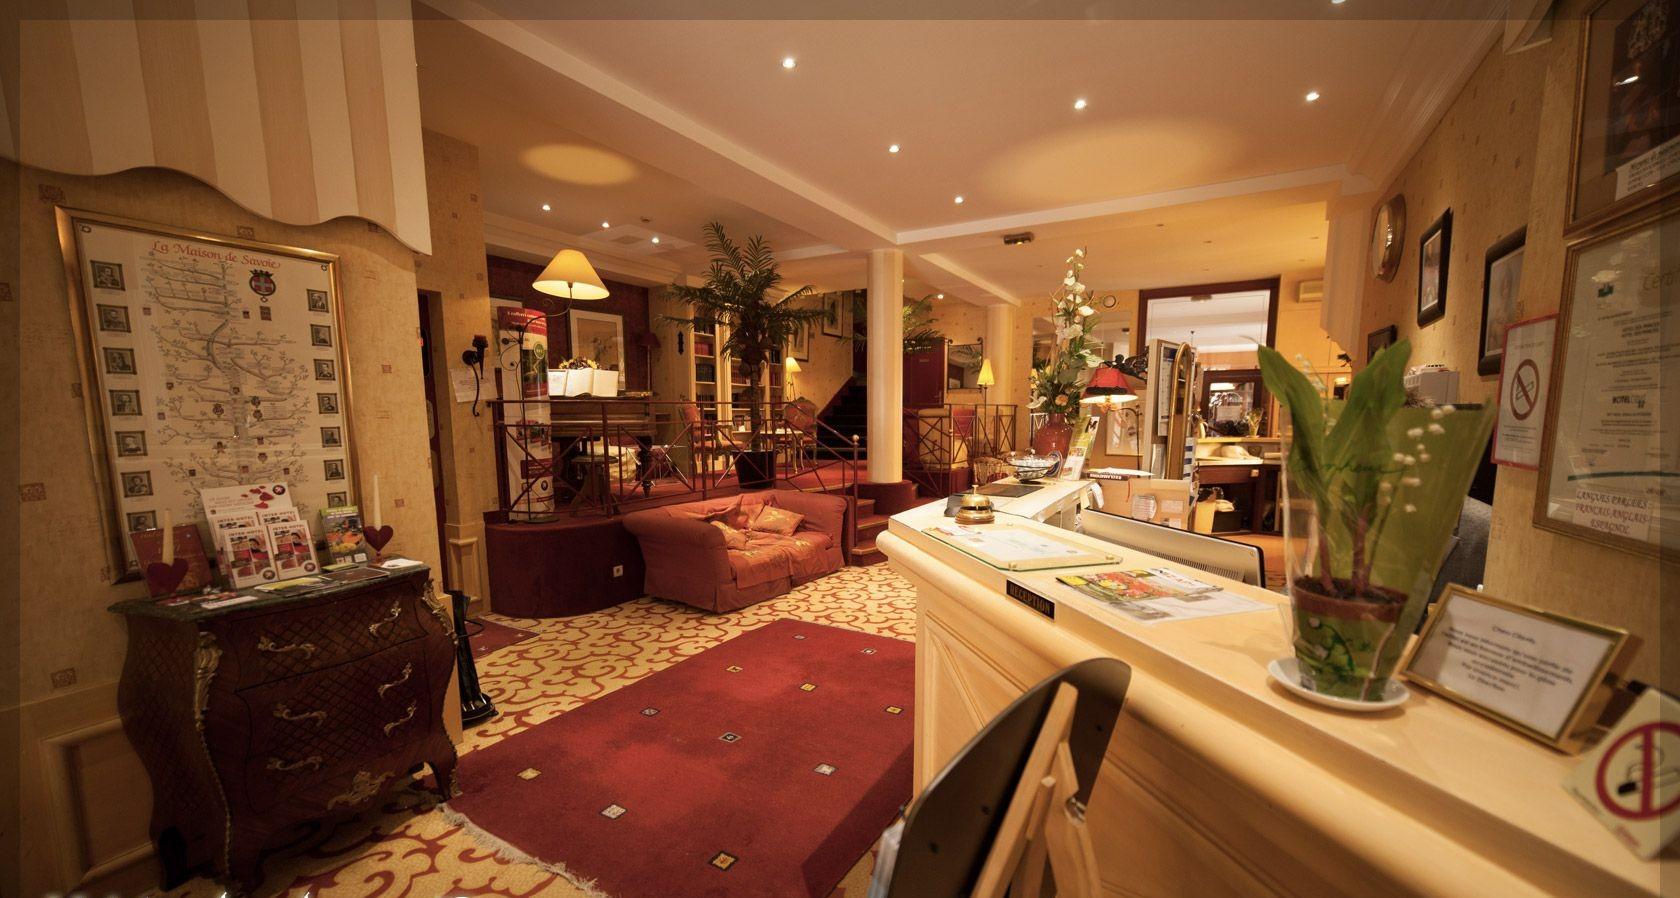 Hôtel des Princes : l'hôtel idéalement situé à Chambery